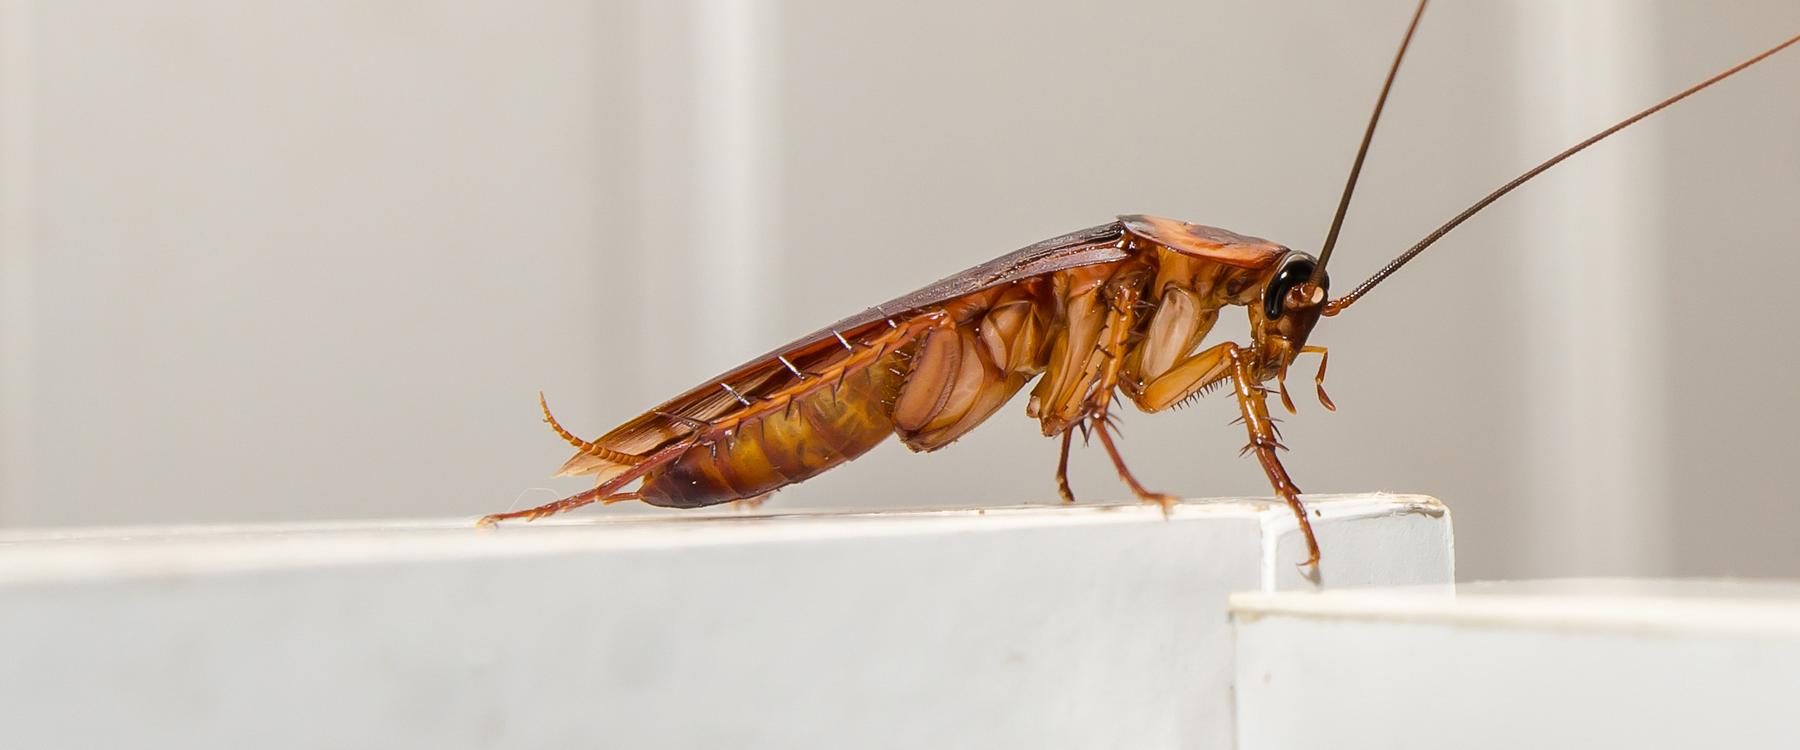 Quel Produit Pour Tuer Les Blattes comment exterminer les coquerelles? | caa-québec habitation